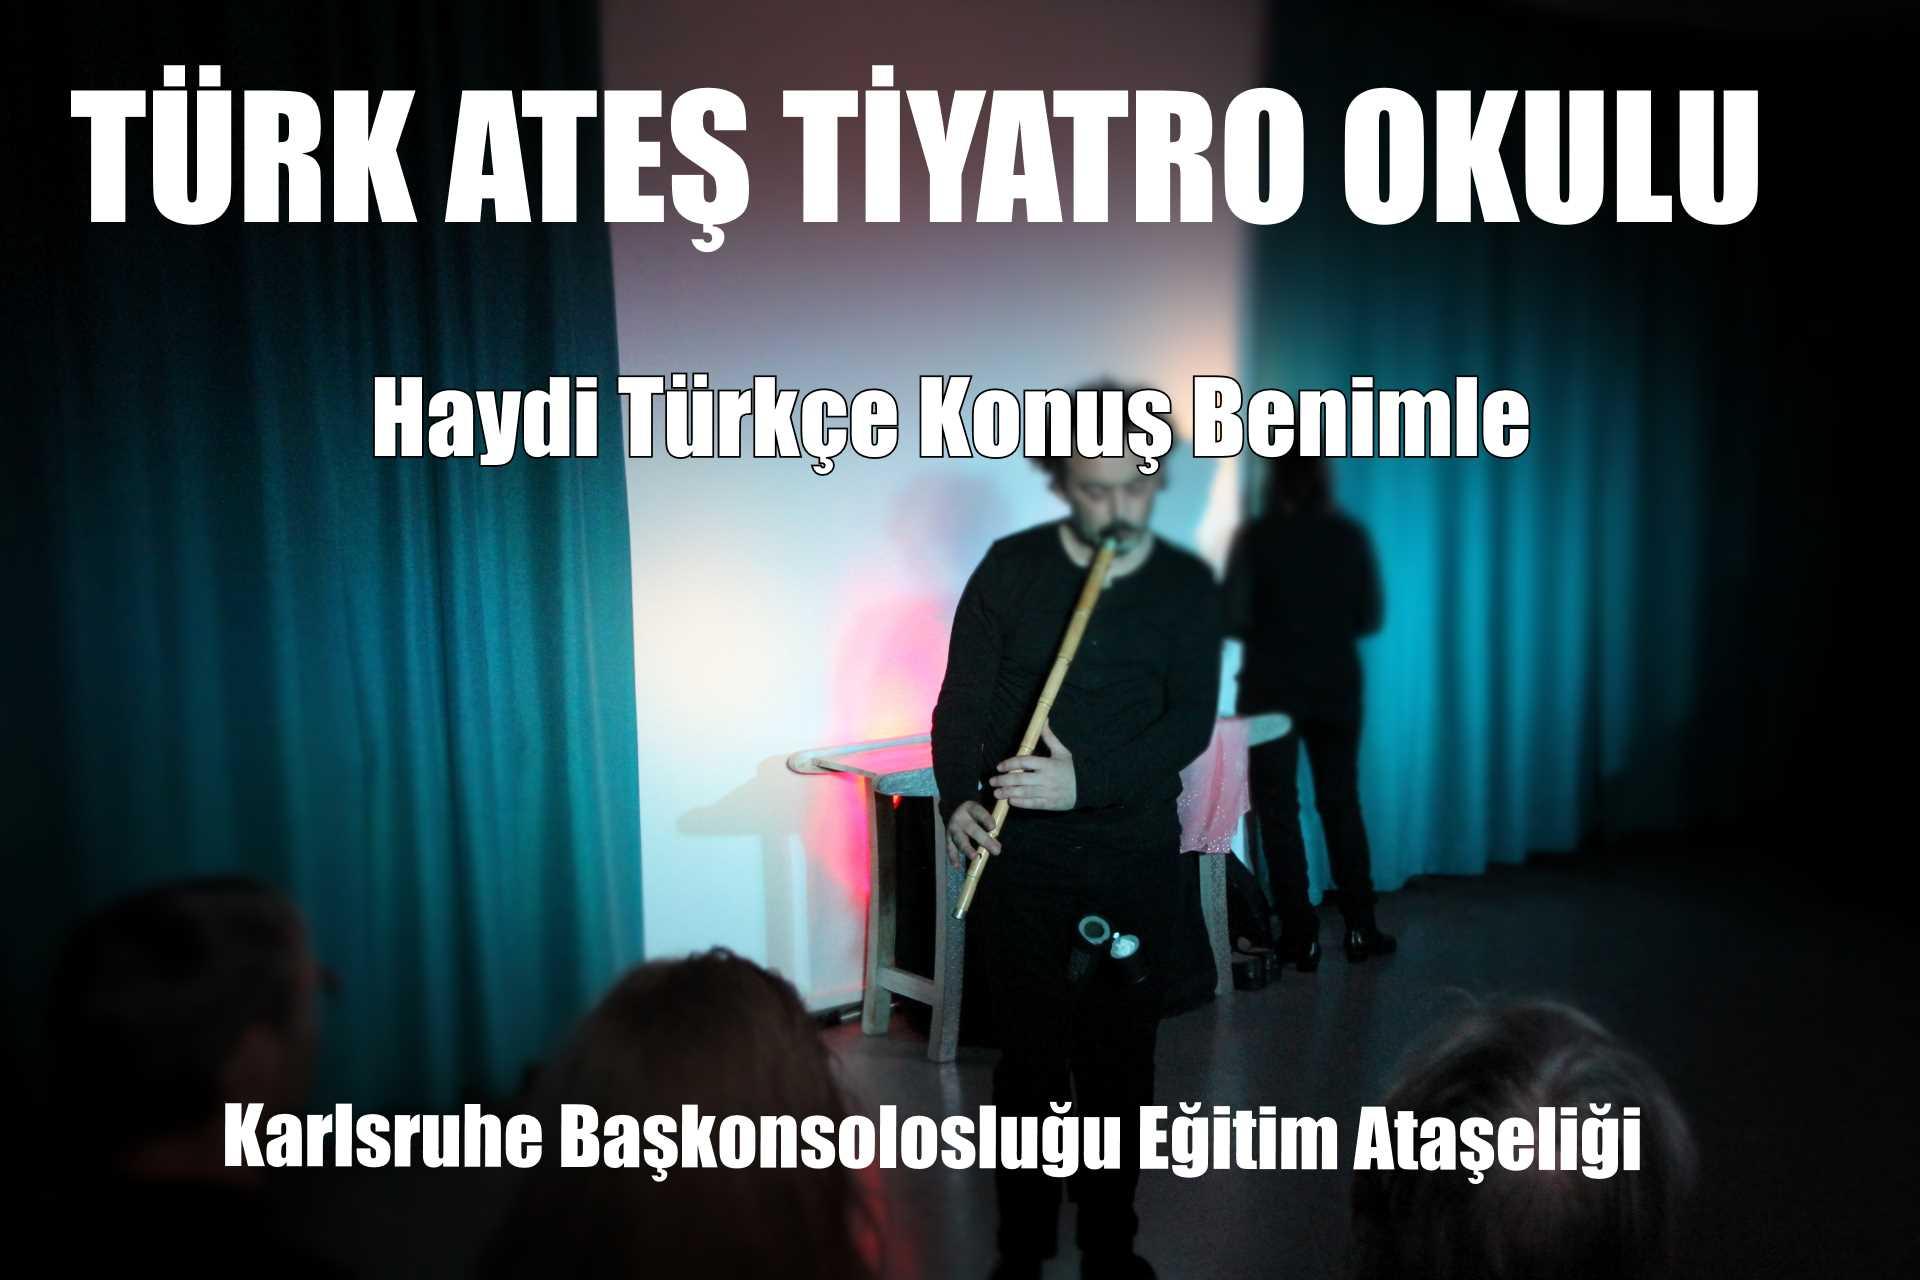 tiyatro-okulu-turk-ates